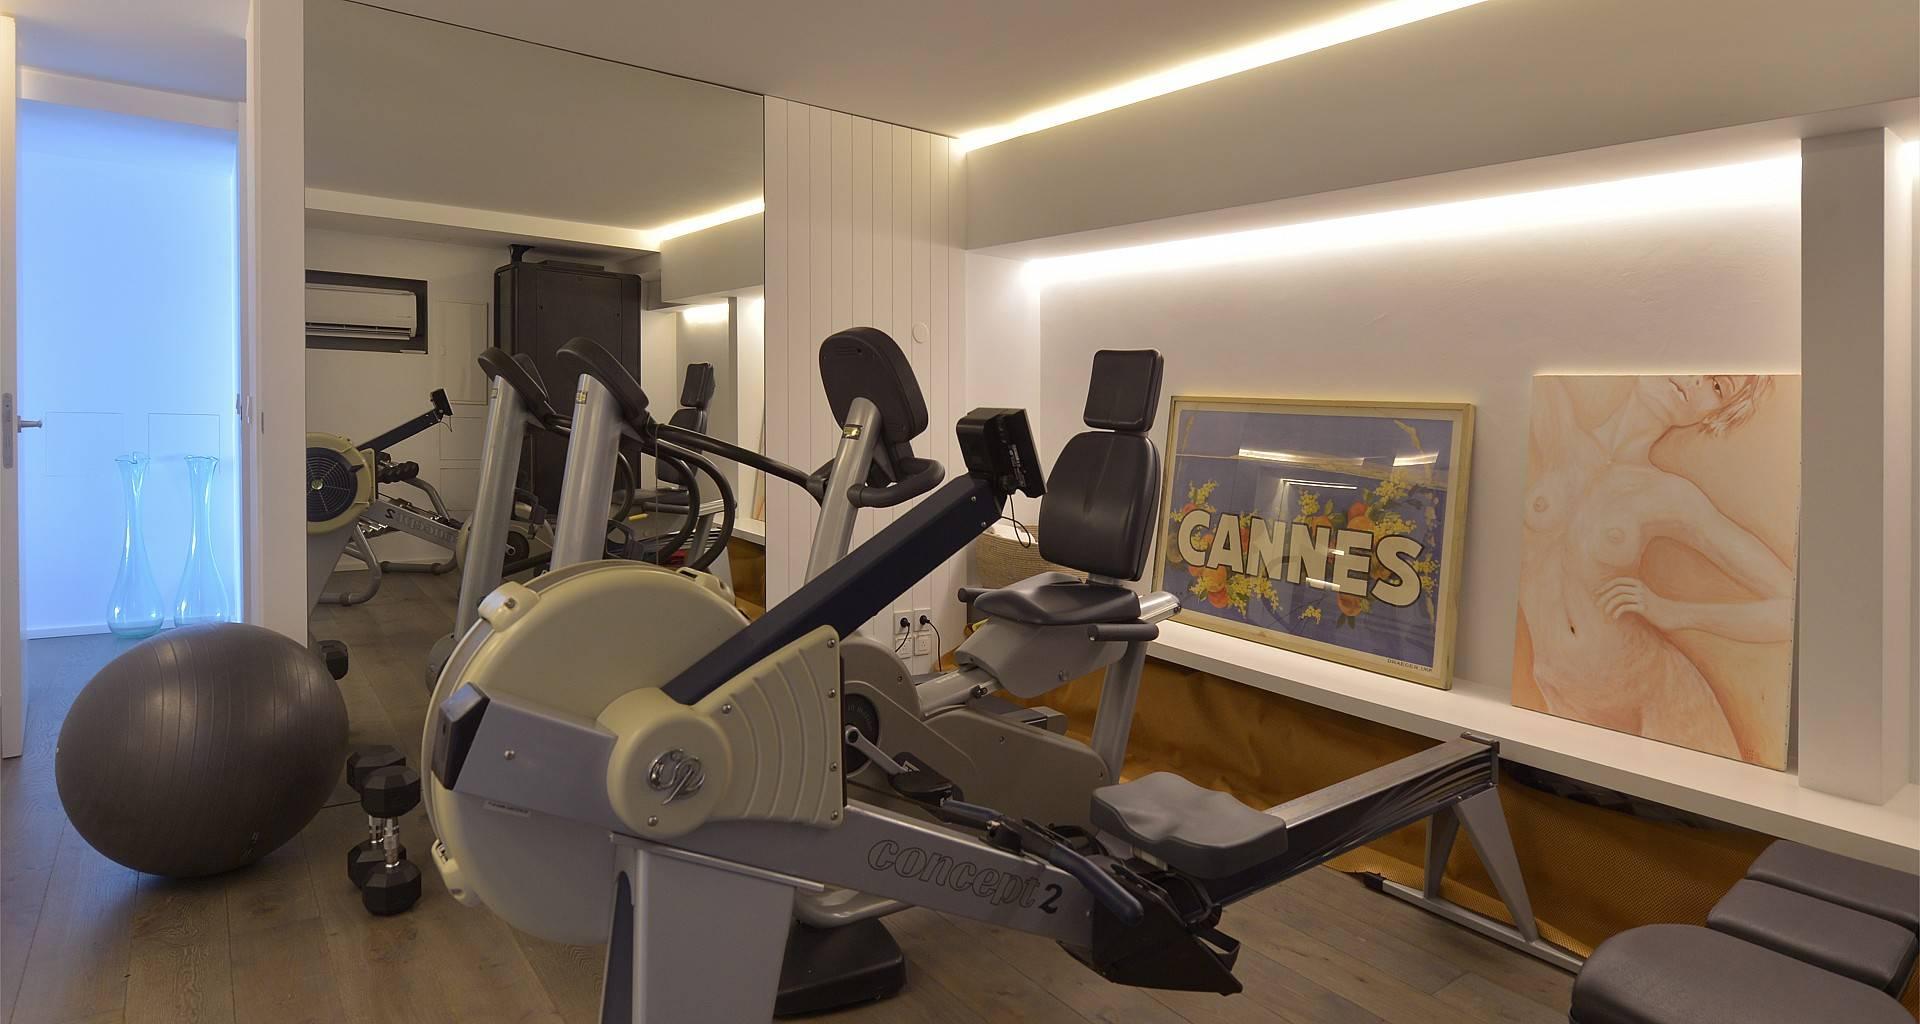 Villa Casa del Mar Fitness Room